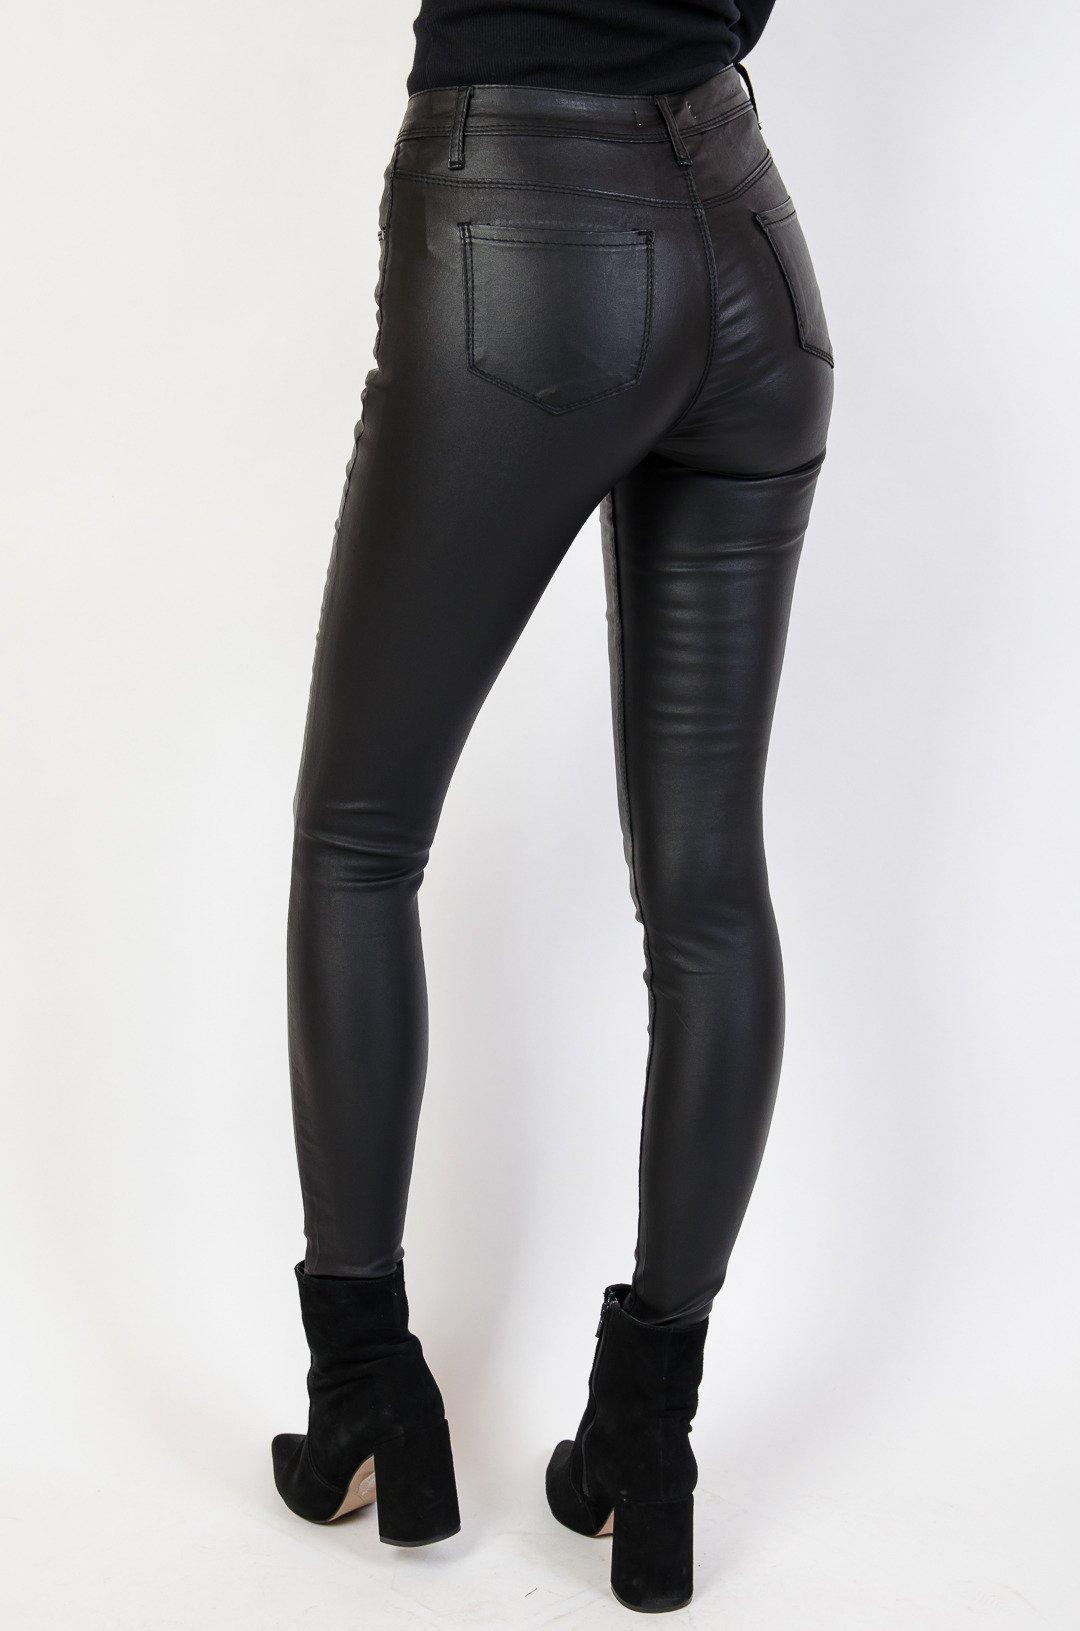 81ee6499 Spodnie skórkowe w kolorze czarnym